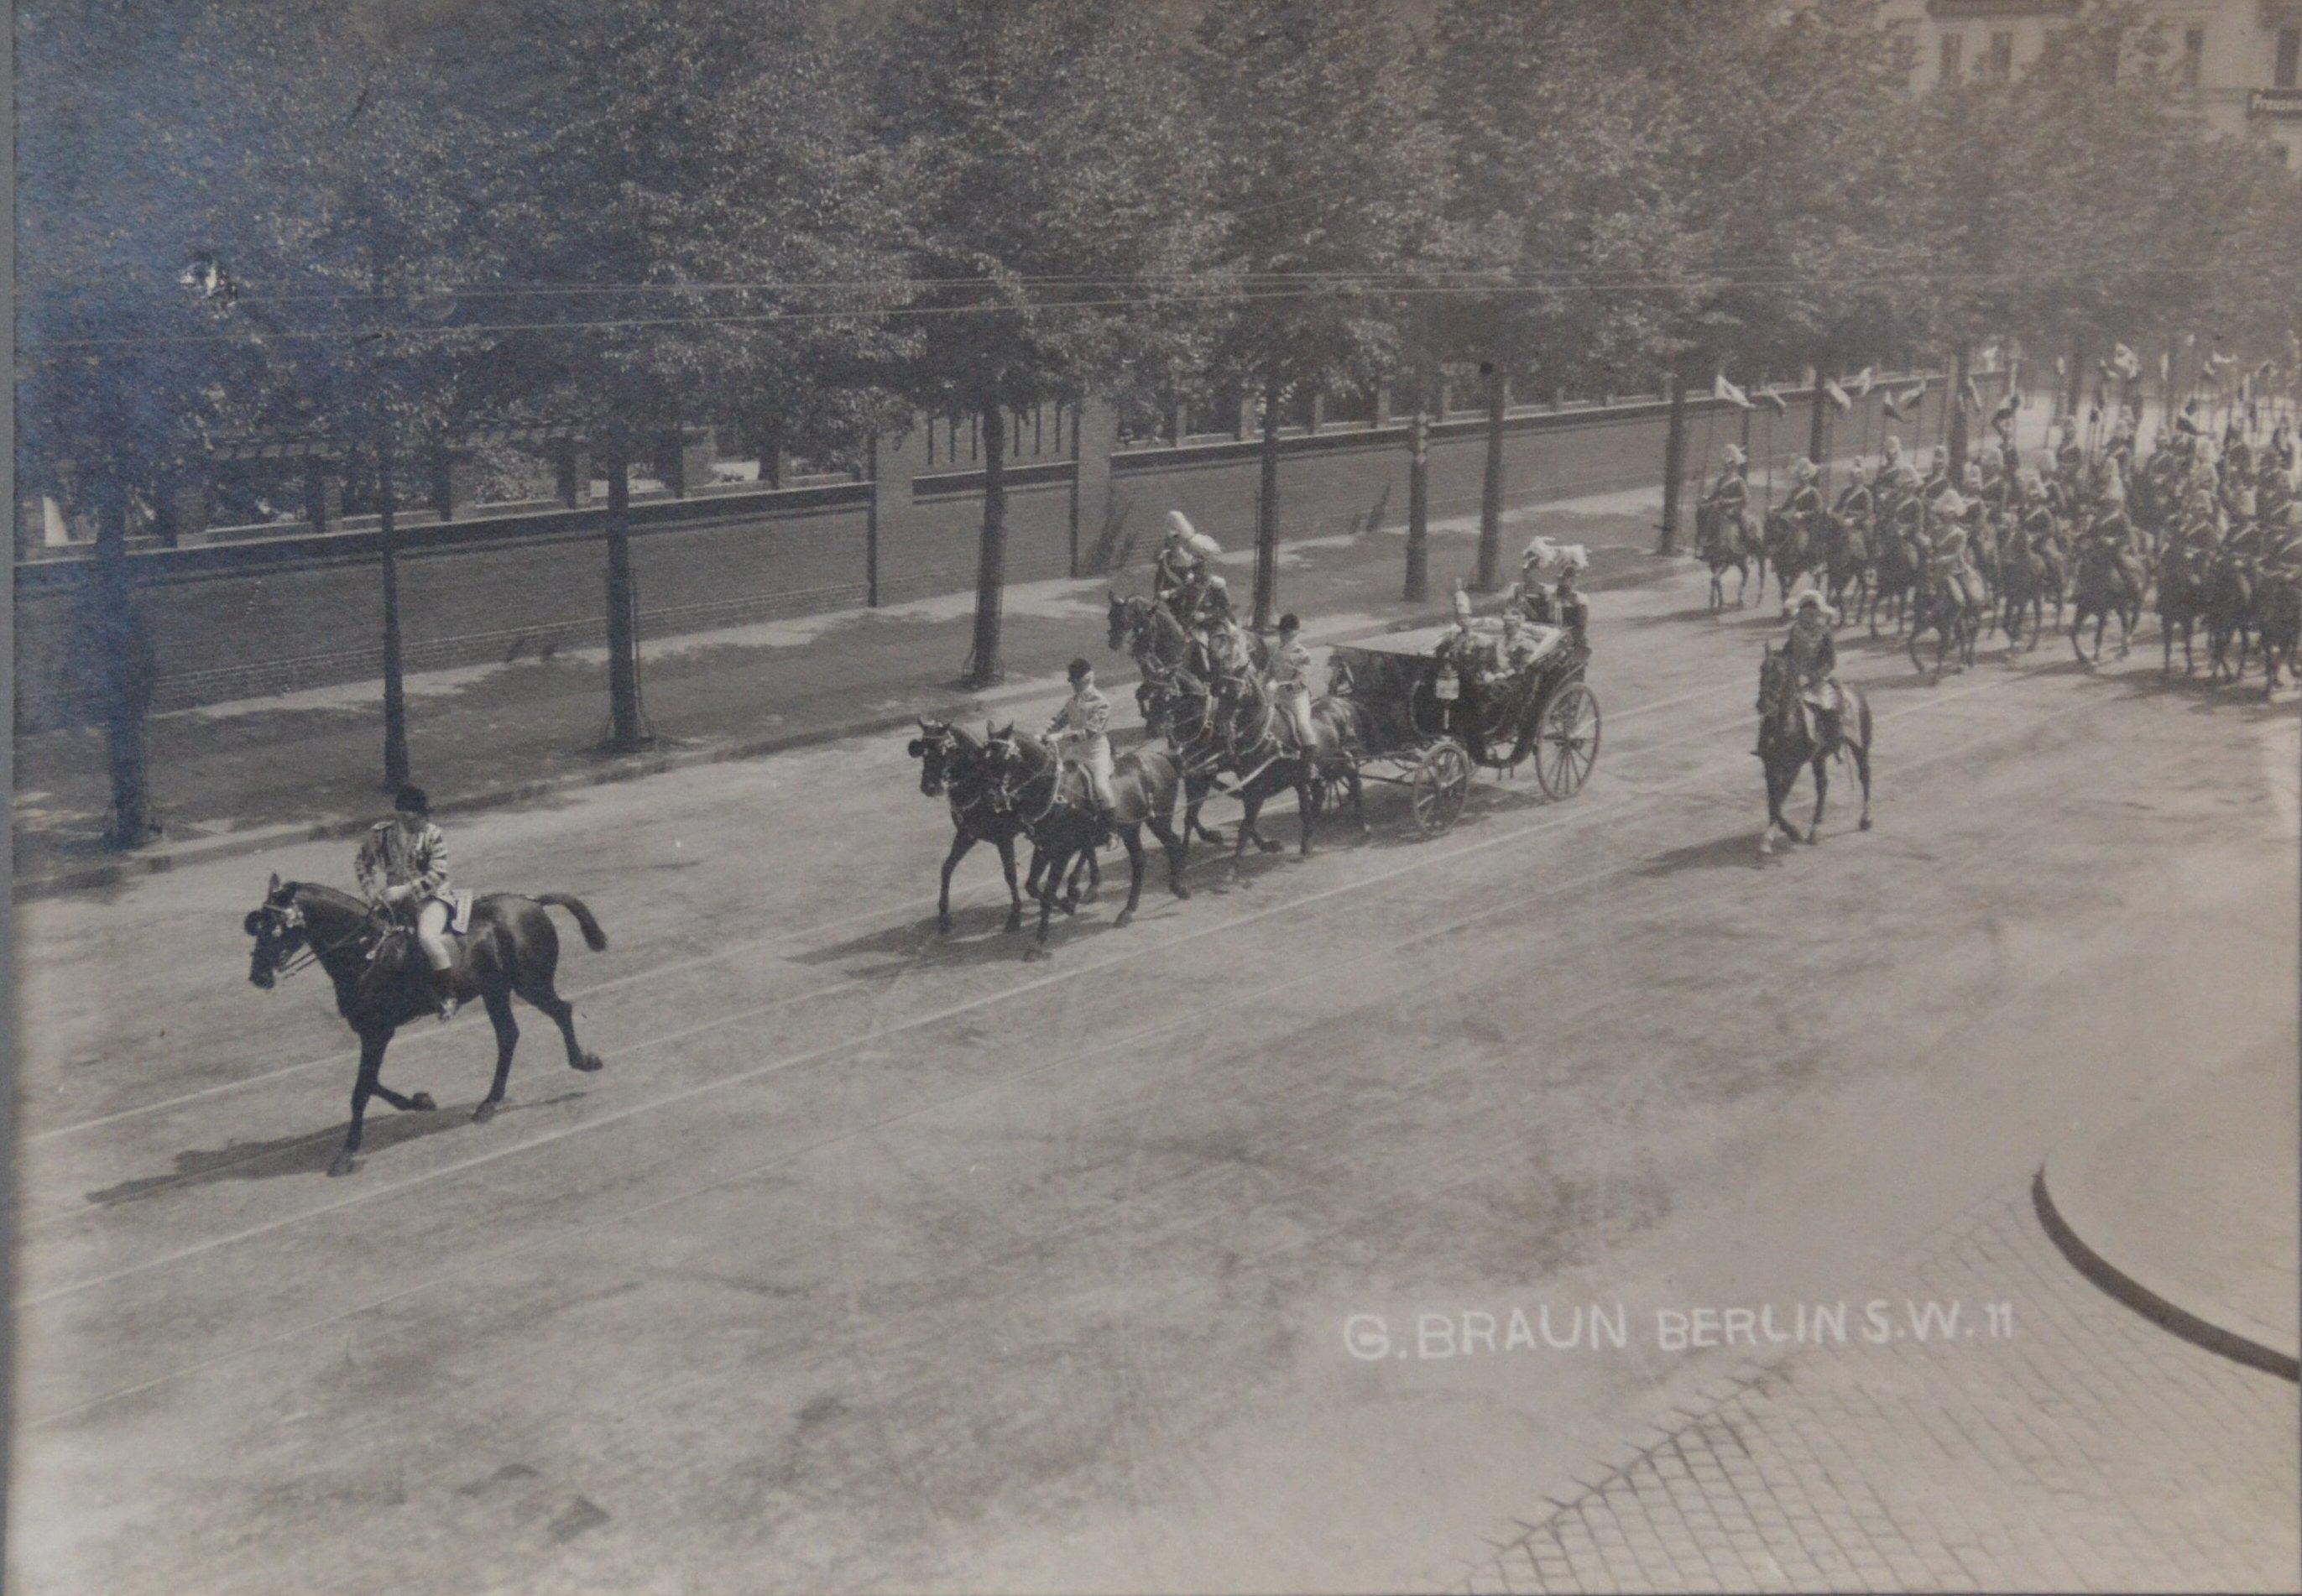 1910. Царь Николай II и Кайзер Вильгельм в экипаже. (Визит и встреча в Потсдаме)